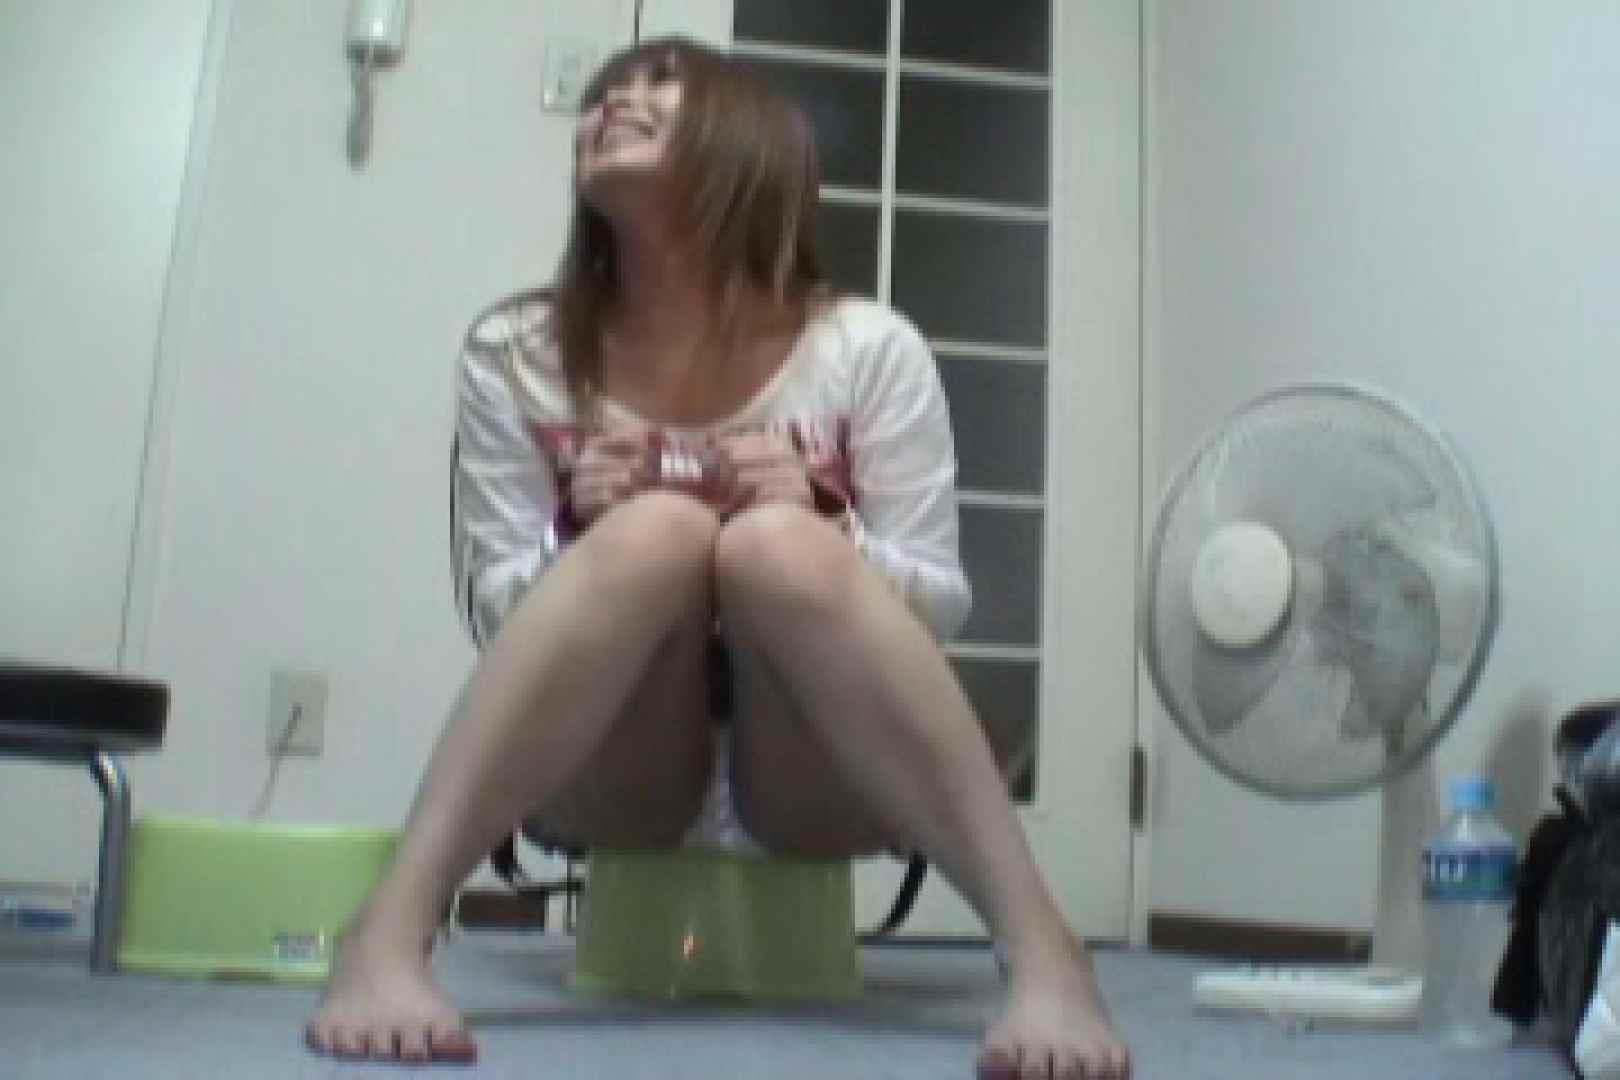 パンツ売りの女の子 ゆづきちゃんvol.1 OLのエッチ | 一般投稿  101pic 19